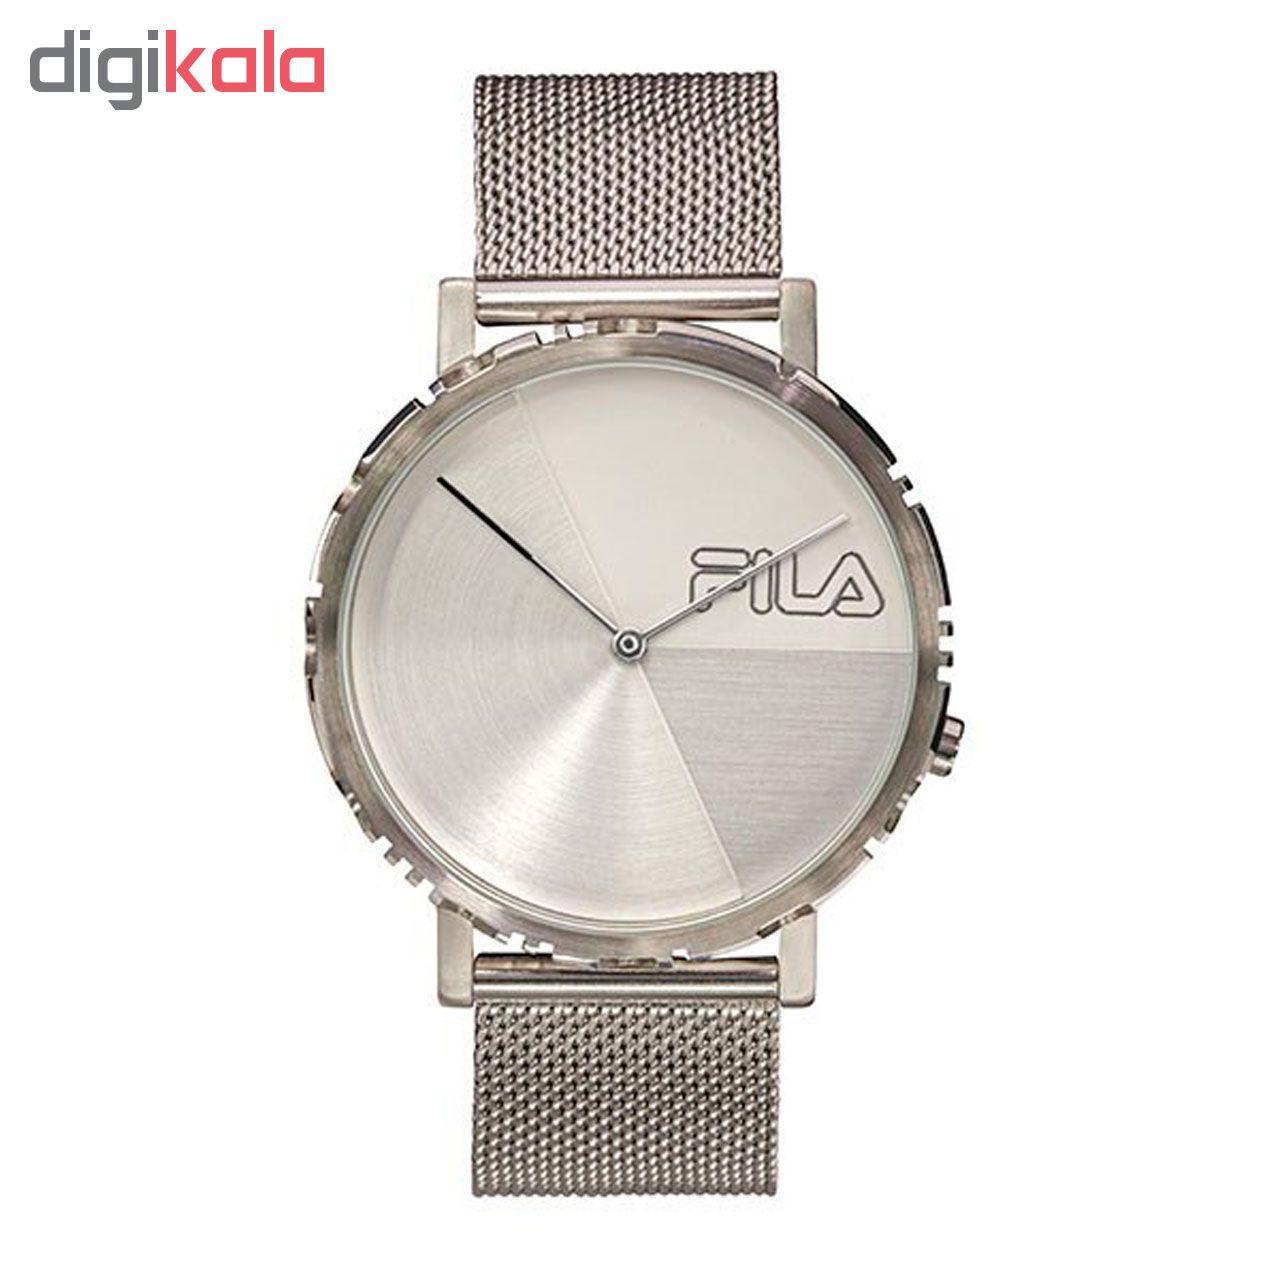 ساعت مچی عقربه ای مردانه  فیلا مدل 38-173-001